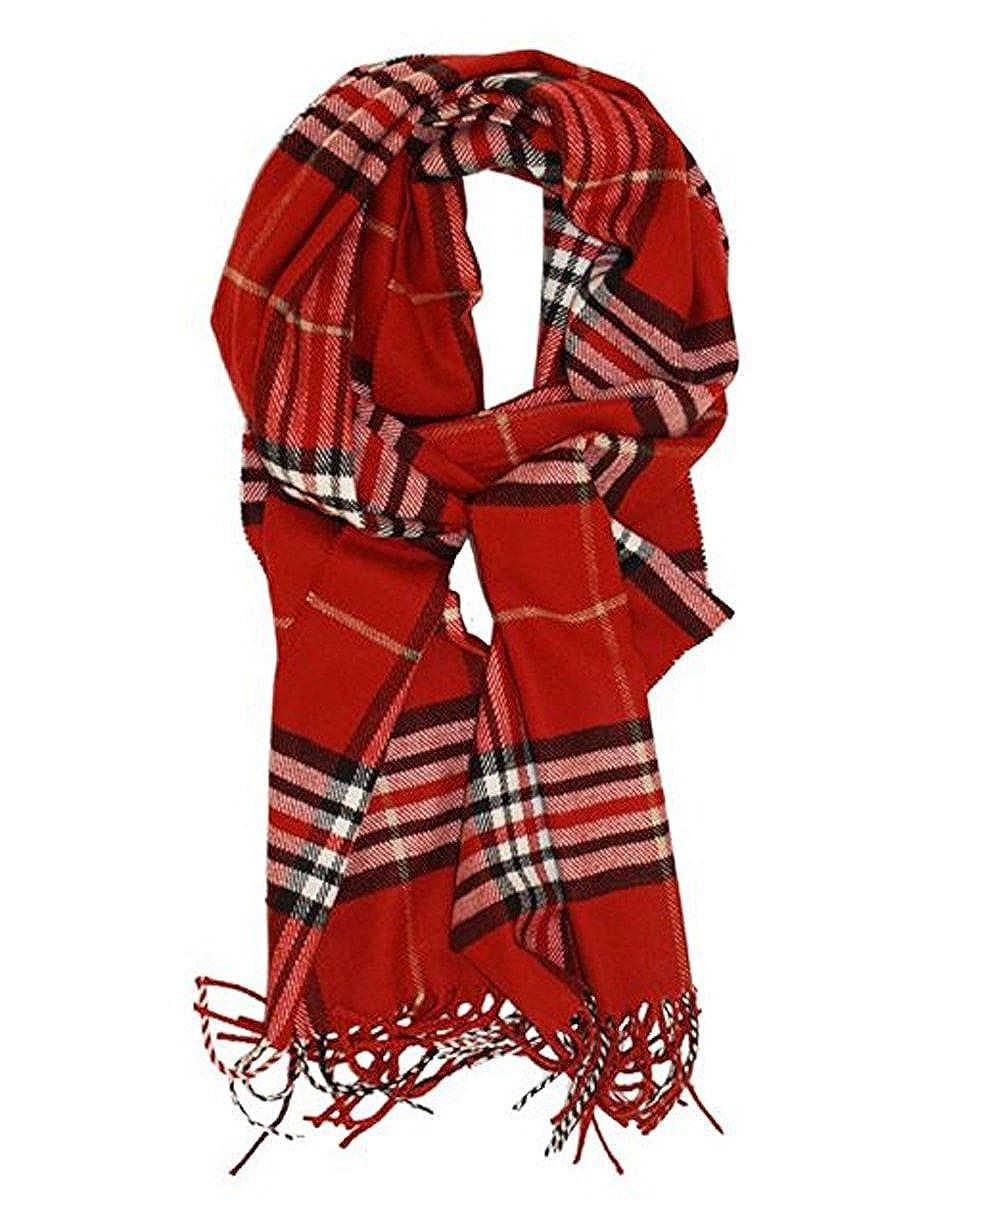 Plaid Scarf Dreamslink Classic Cashmere Feel Tartan Blanket Winter Scarf Shawl Wrap